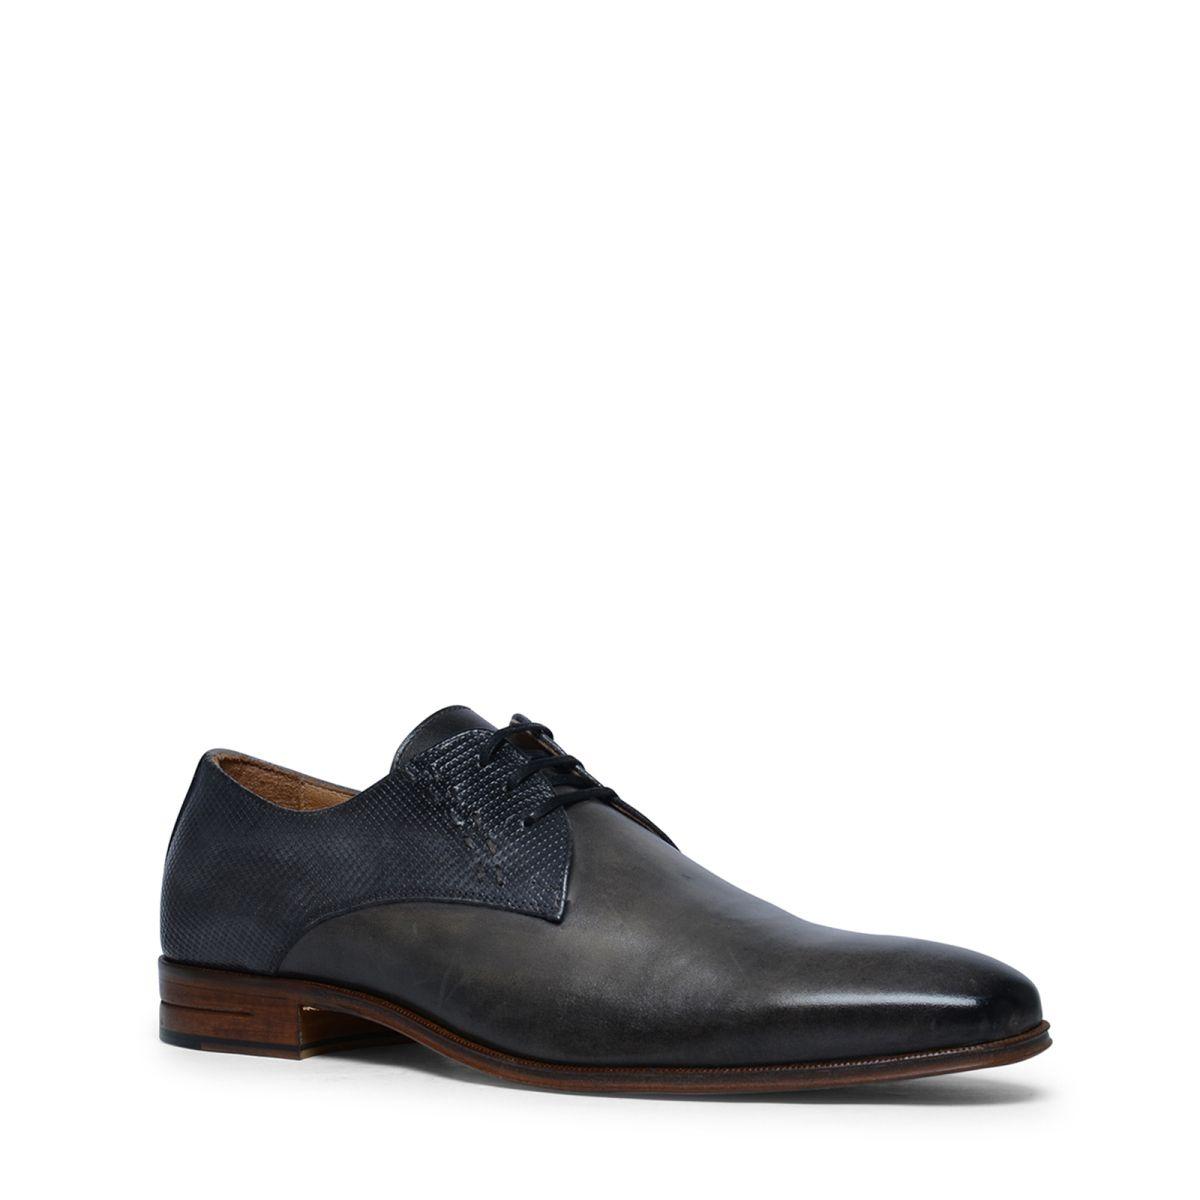 Grijze derby veterschoenen  Description: Maak uw outfit af met deze prachtige grijze veterschoenen. De herenschoenen hebben een binnen- en buitenzijde van leer zodat u iedere dag profiteert van een heerlijke pasvorm. Bijzonder aan dit model het subtiele design op de achterzijde van de schoen wat de schoenen net dat beetje extra geeft. De derby veterschoenen zijn voorzien van een anti-slip laag aan de onderzijde van de schoen.  Price: 139.99  Meer informatie  #manfield